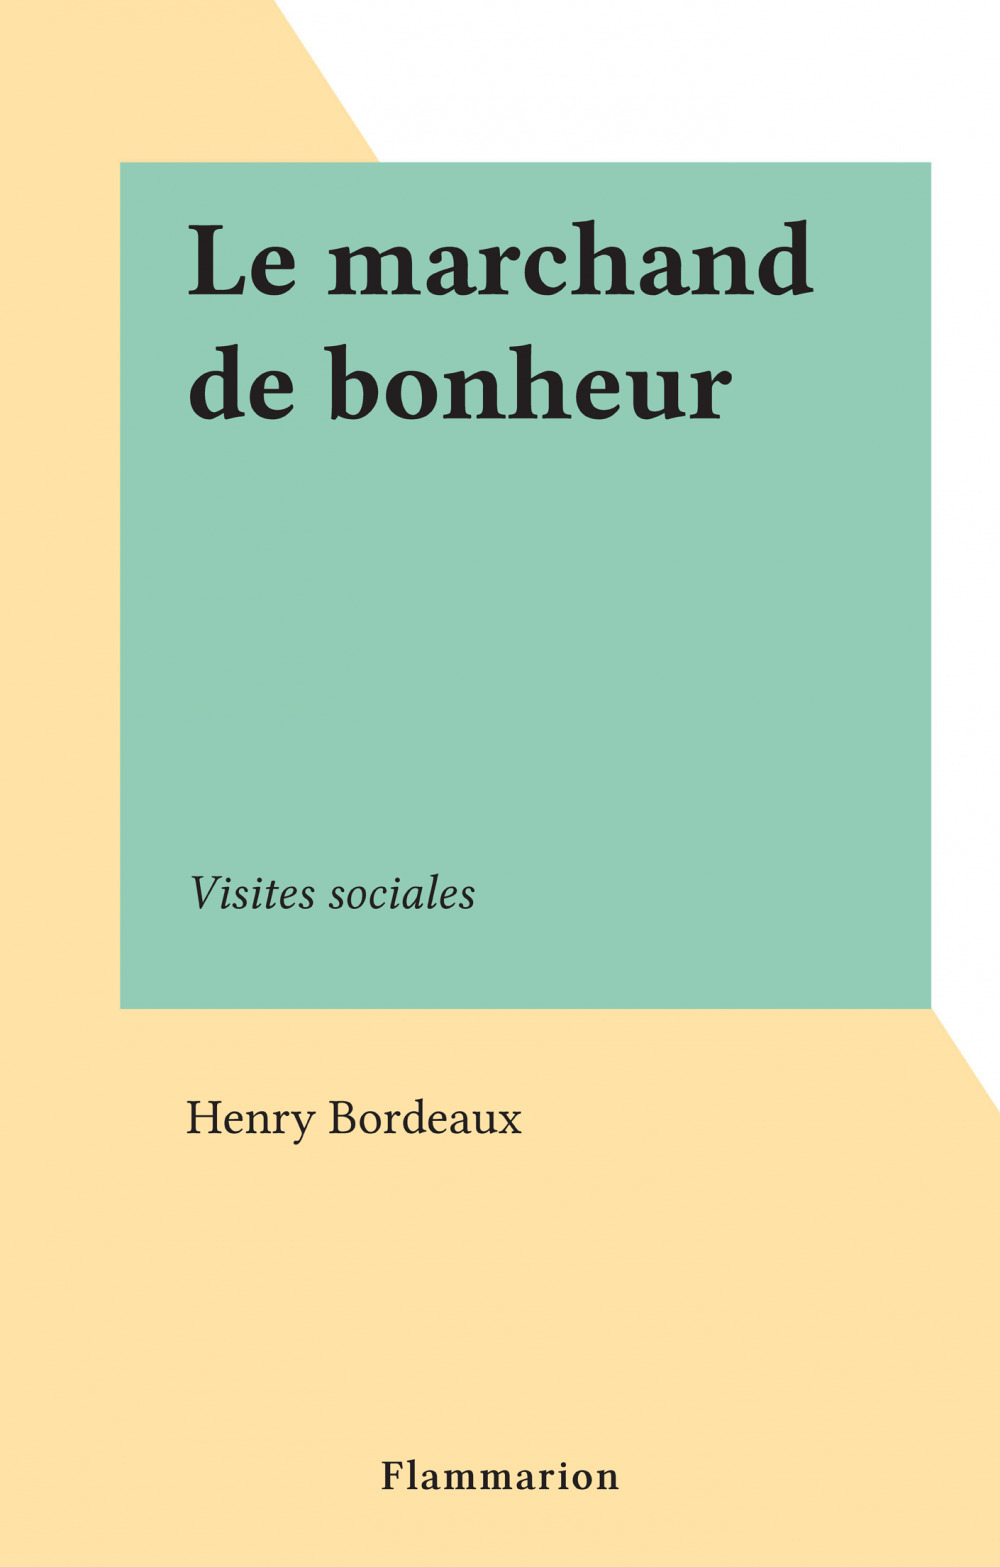 Le marchand de bonheur  - Henry Bordeaux